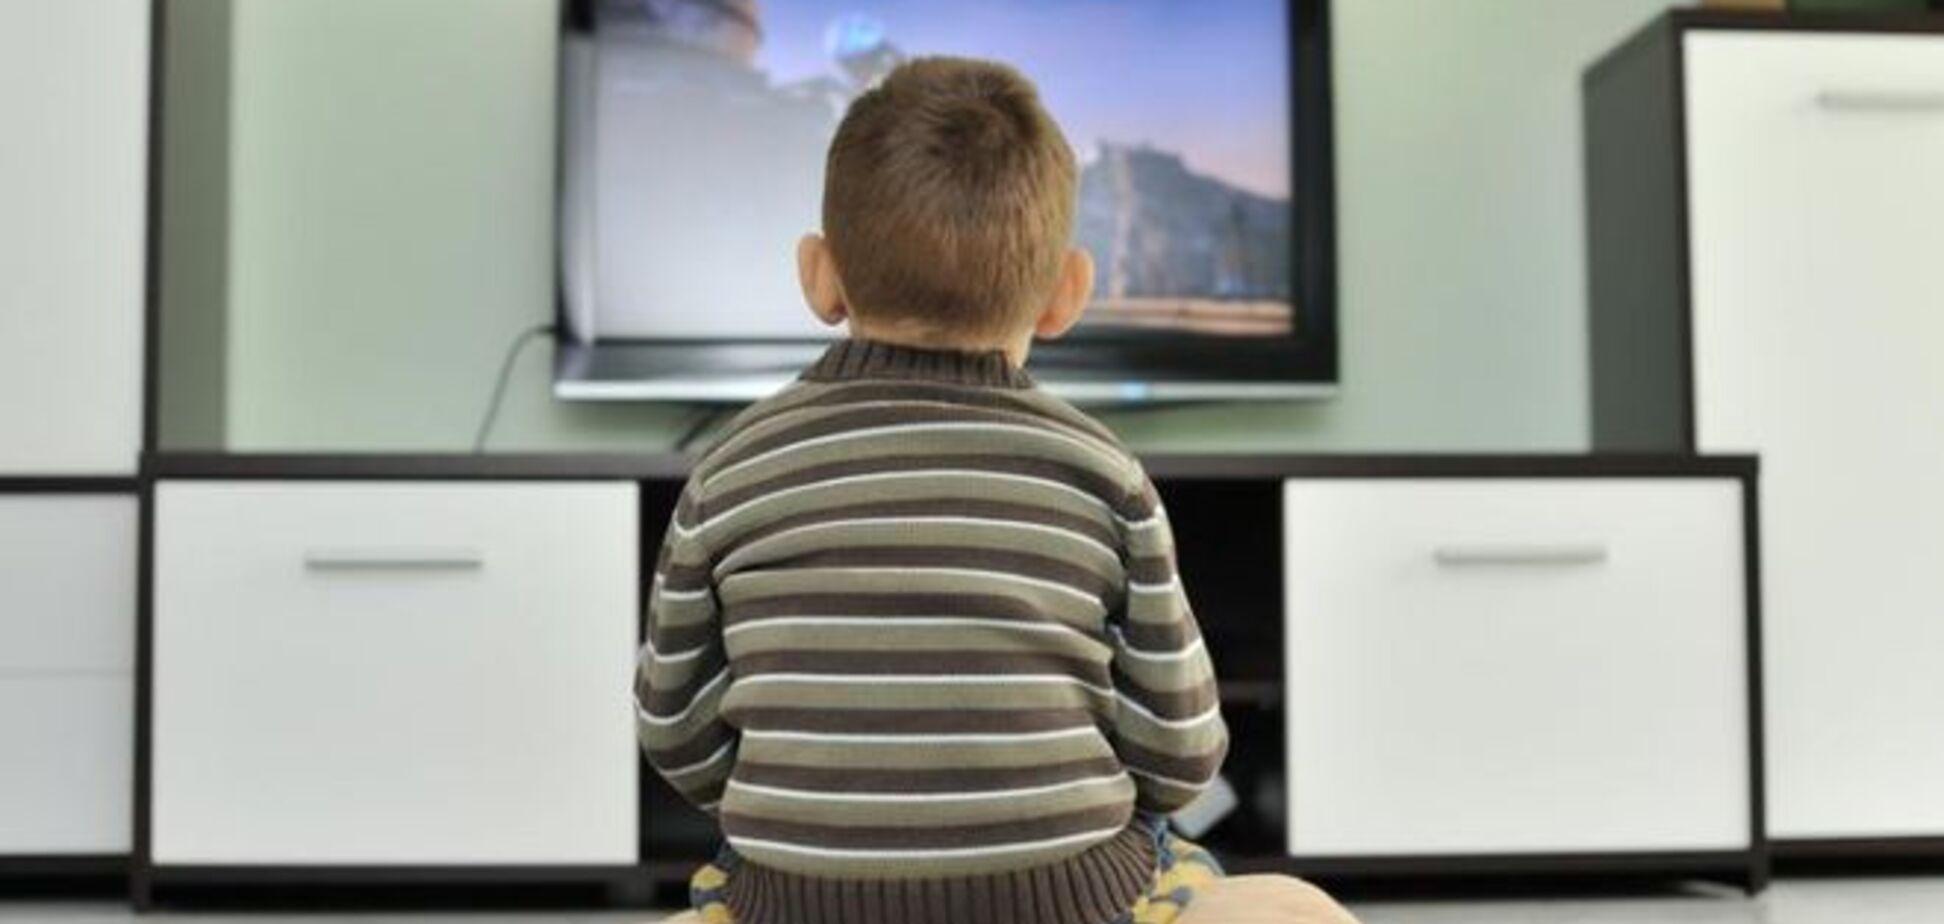 Медики: всего час перед телевизором в день вызывает ожирение у детей